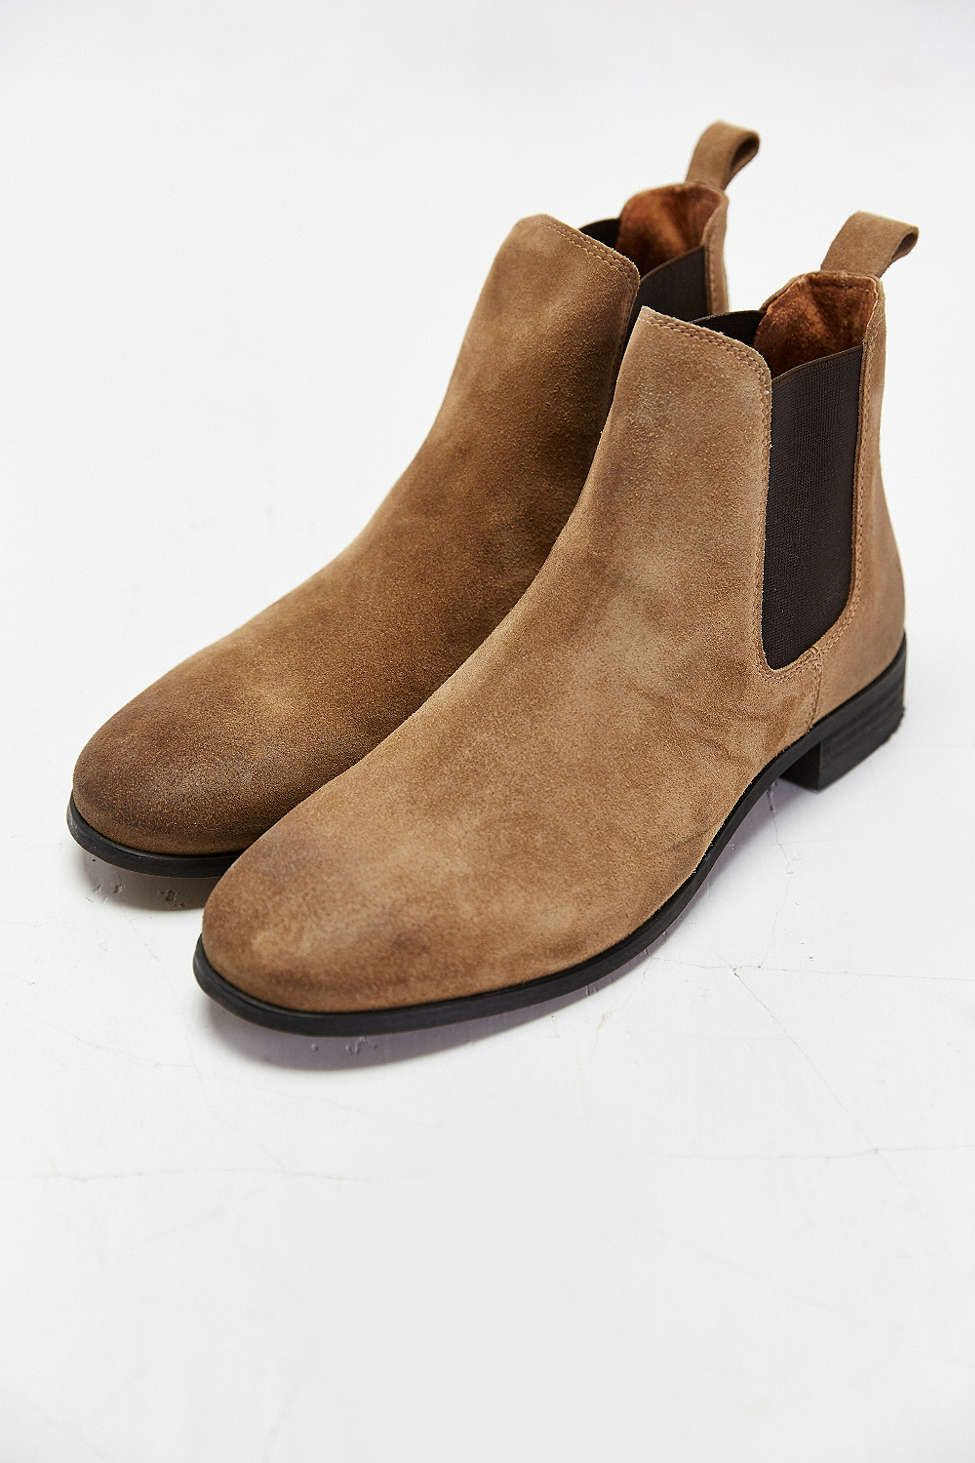 Shoe The Bear Suede Chelsea Boot Zapatos Hombre Zapato De Vestir Hombre Zapatos Mocasines